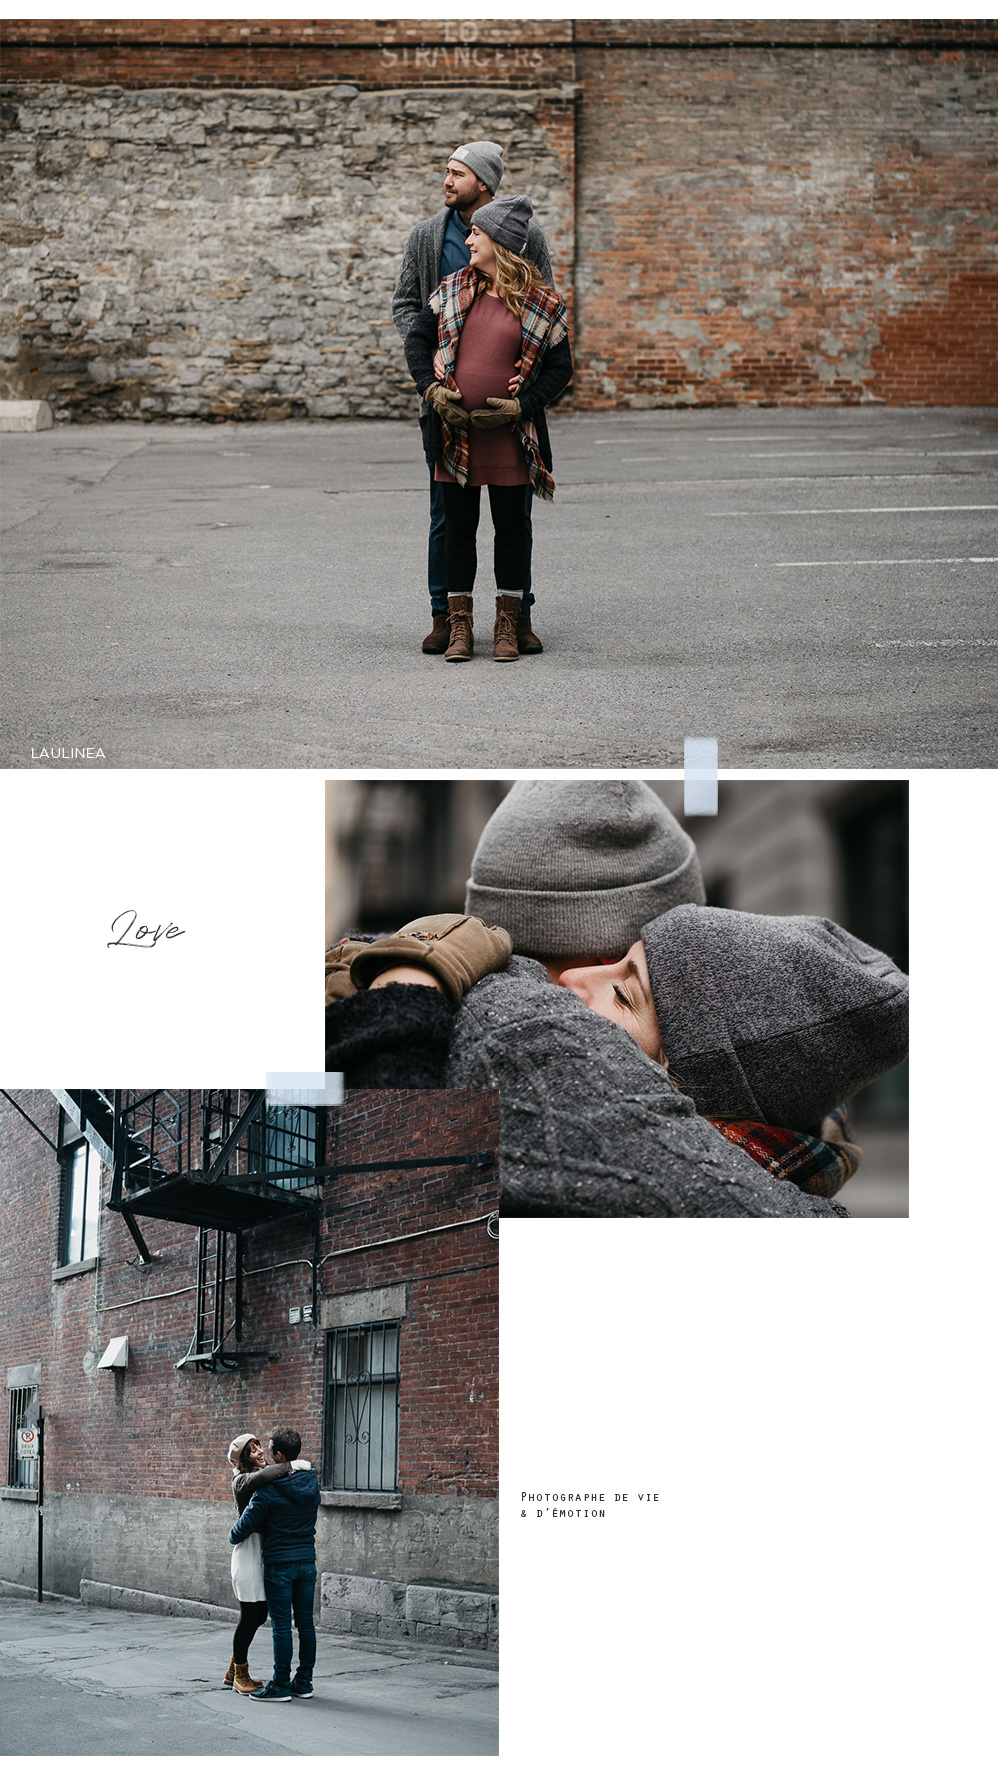 laulinea, photographe de famille, couple et portrait, devenir photographe à Montréal, travailleur autonome, québec, séance photo, choix de vie, carrière, changer de profession